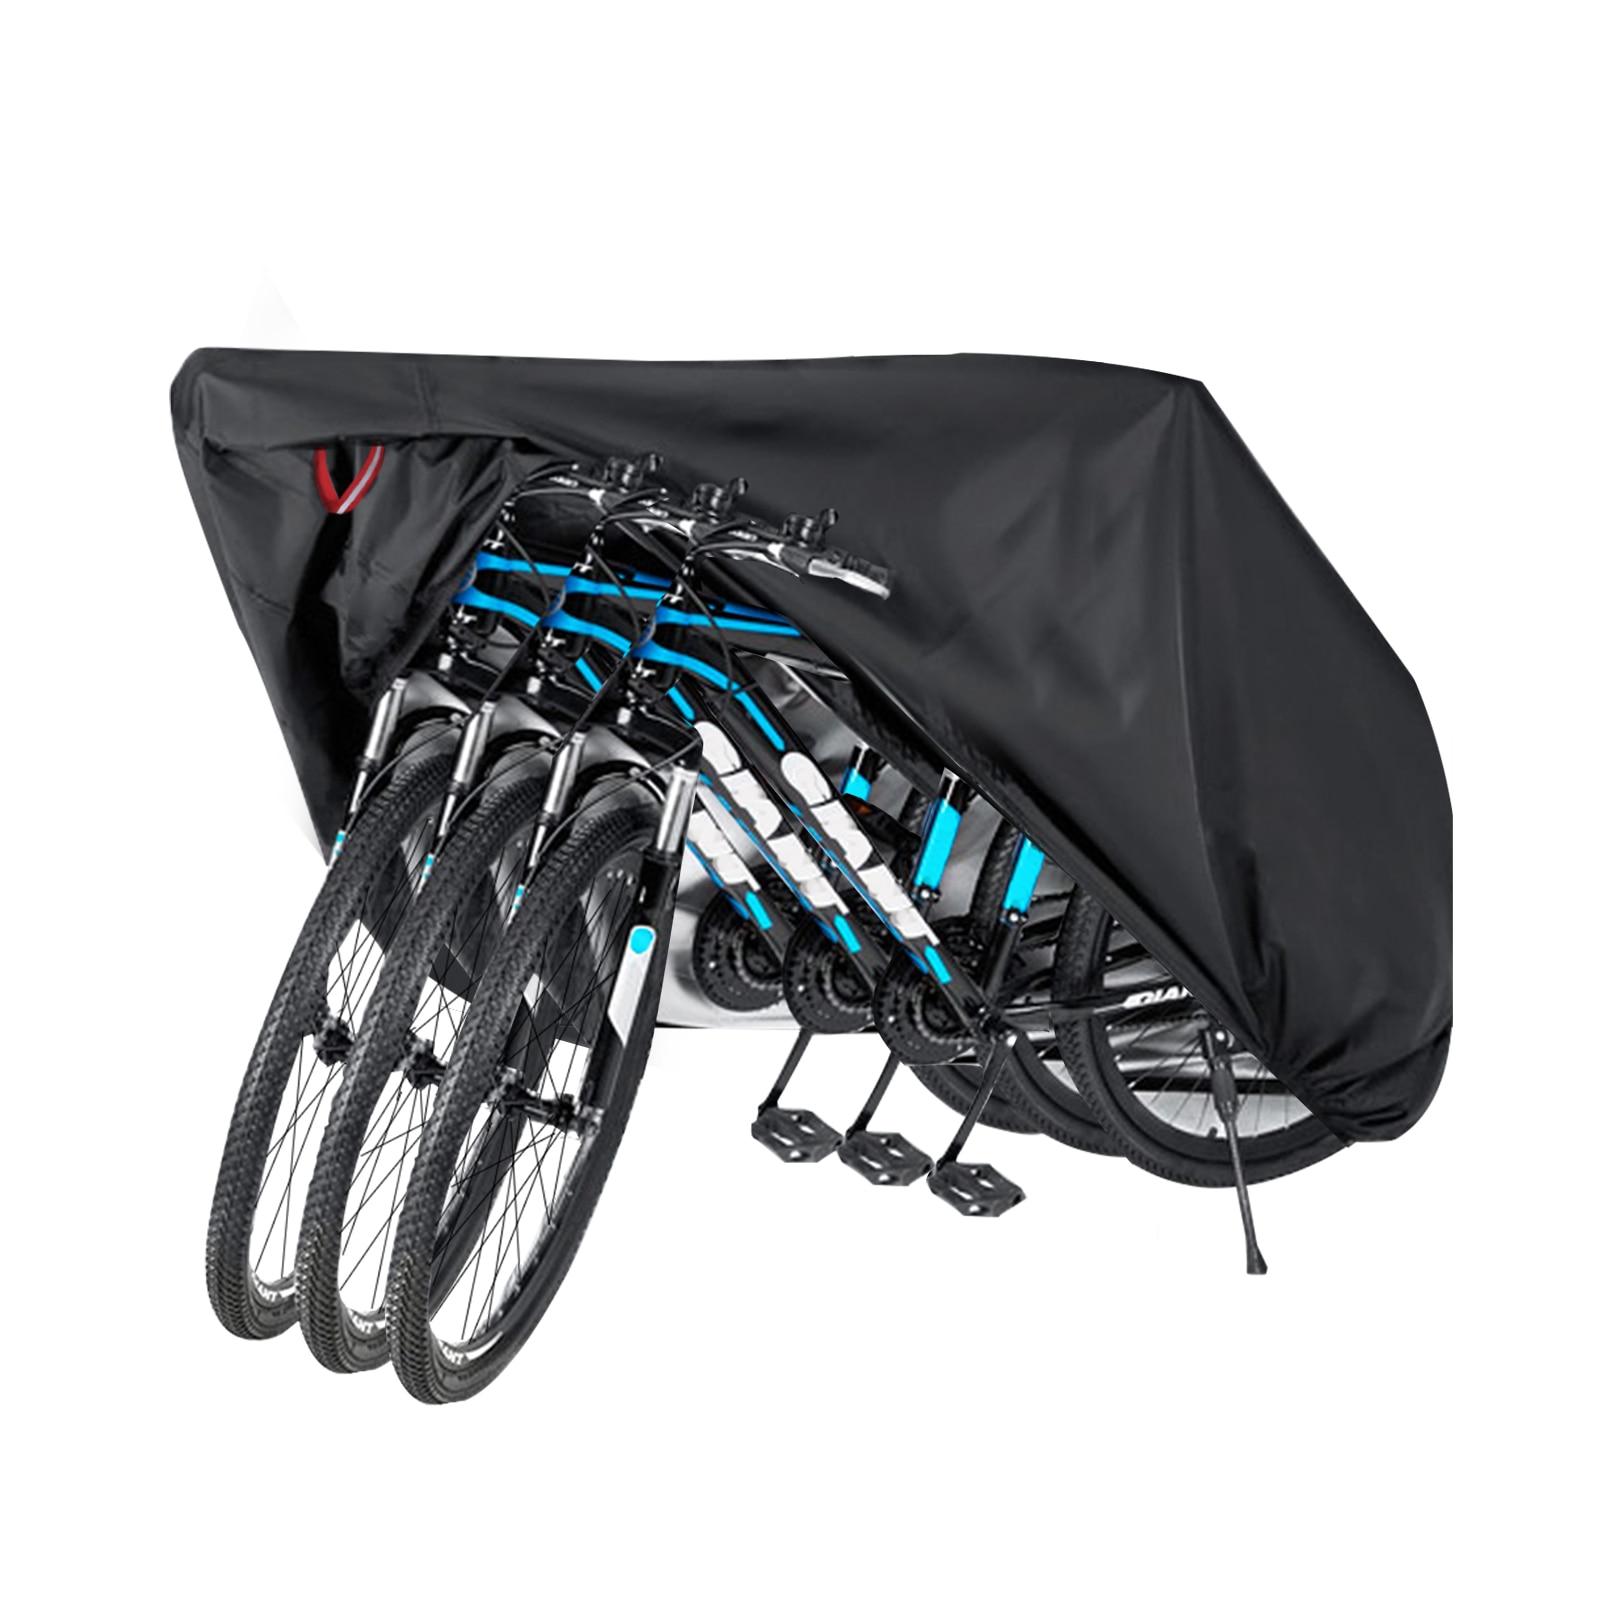 Водонепроницаемый велосипед чехол пыли ткани горный велосипед чехол от дождя в помещении для велосипеда, чехол для 3 велосипеды горные вело...